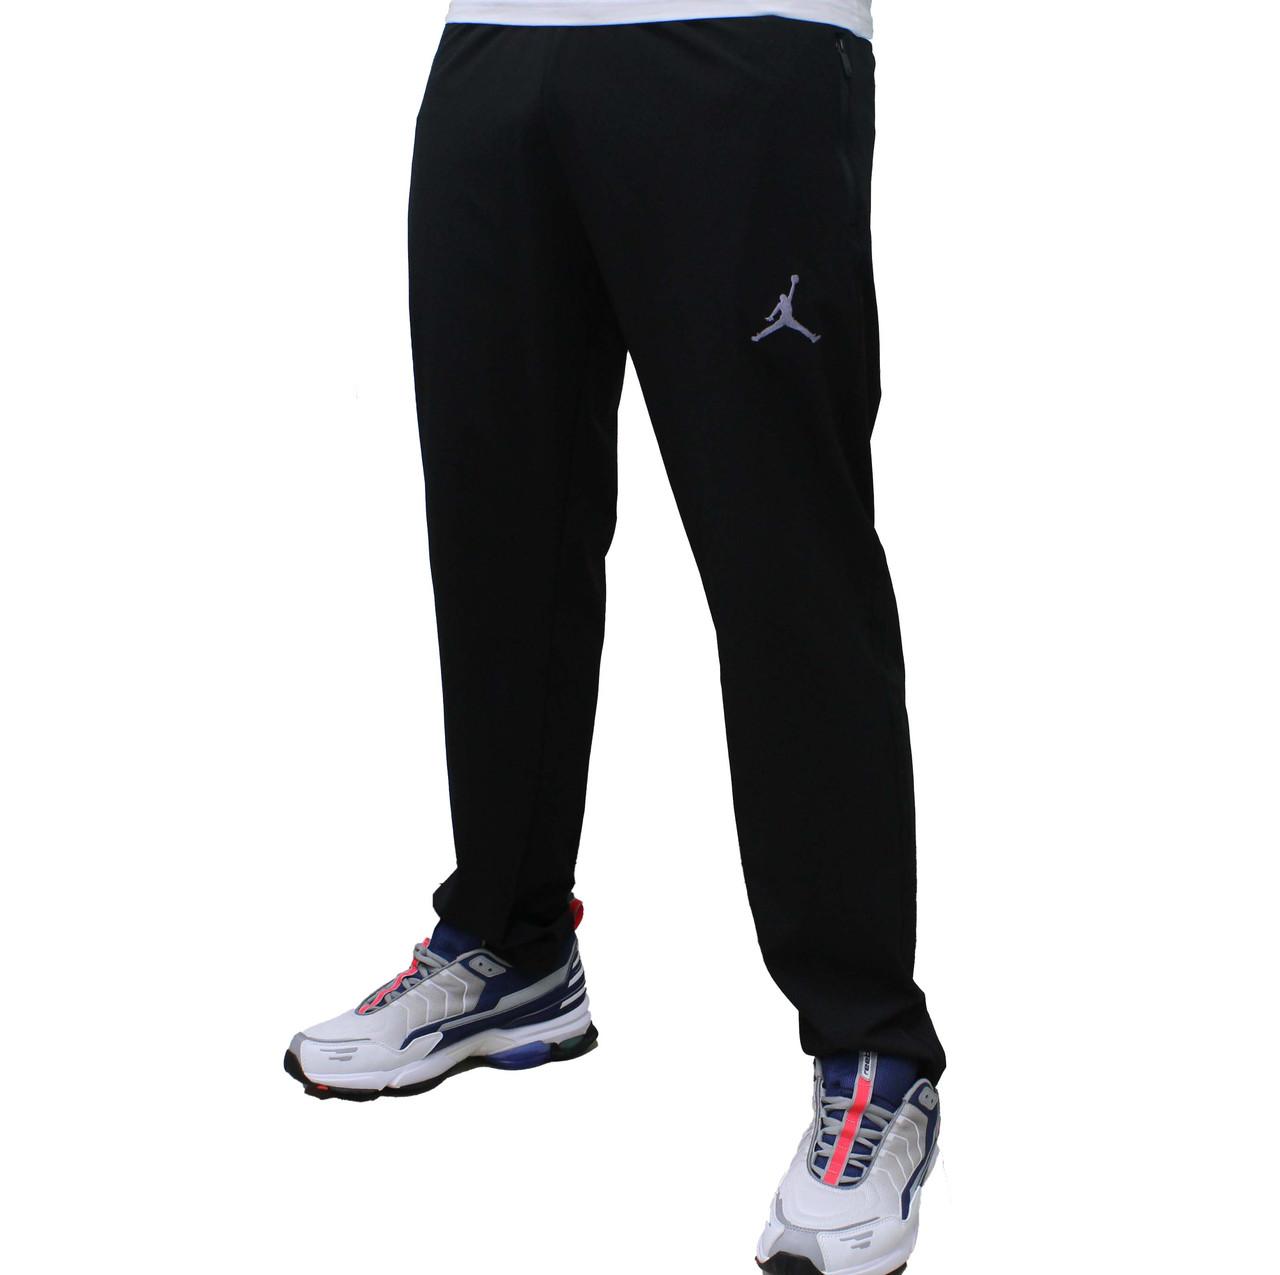 Черные летние прямые спортивные штаны Jordan плащевка стрейч широкие (Реплика)